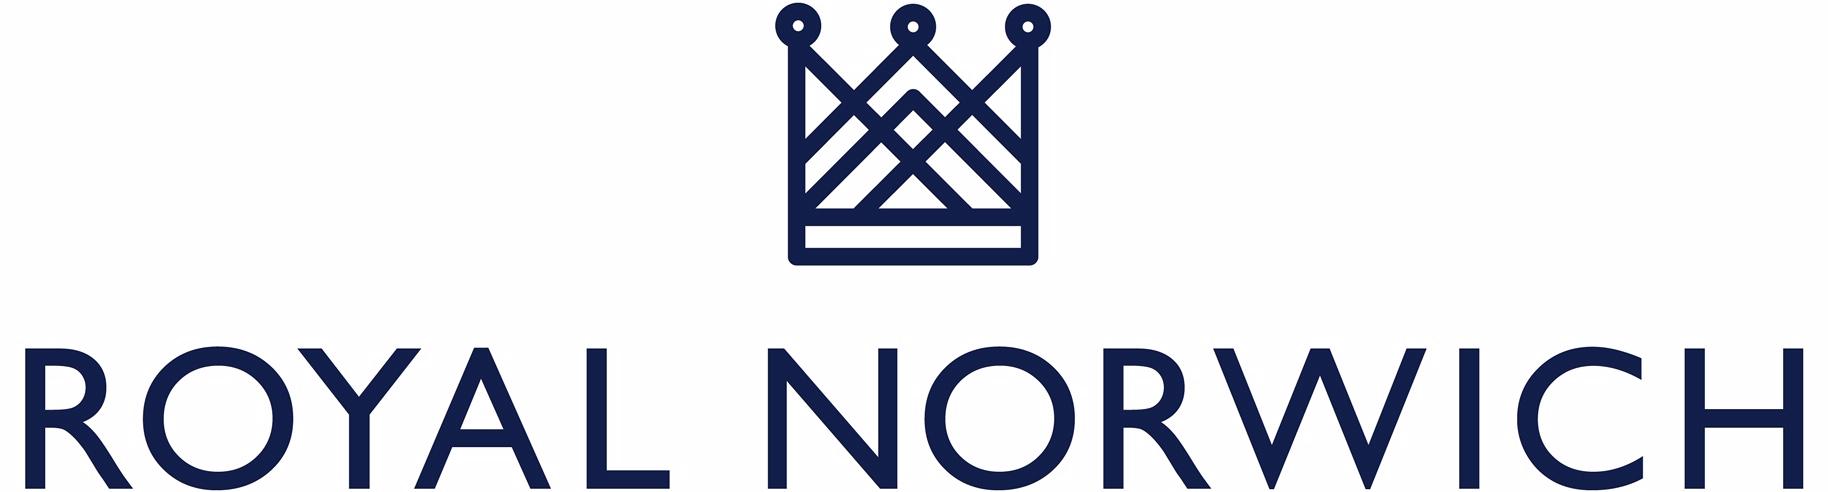 Royal Norwich